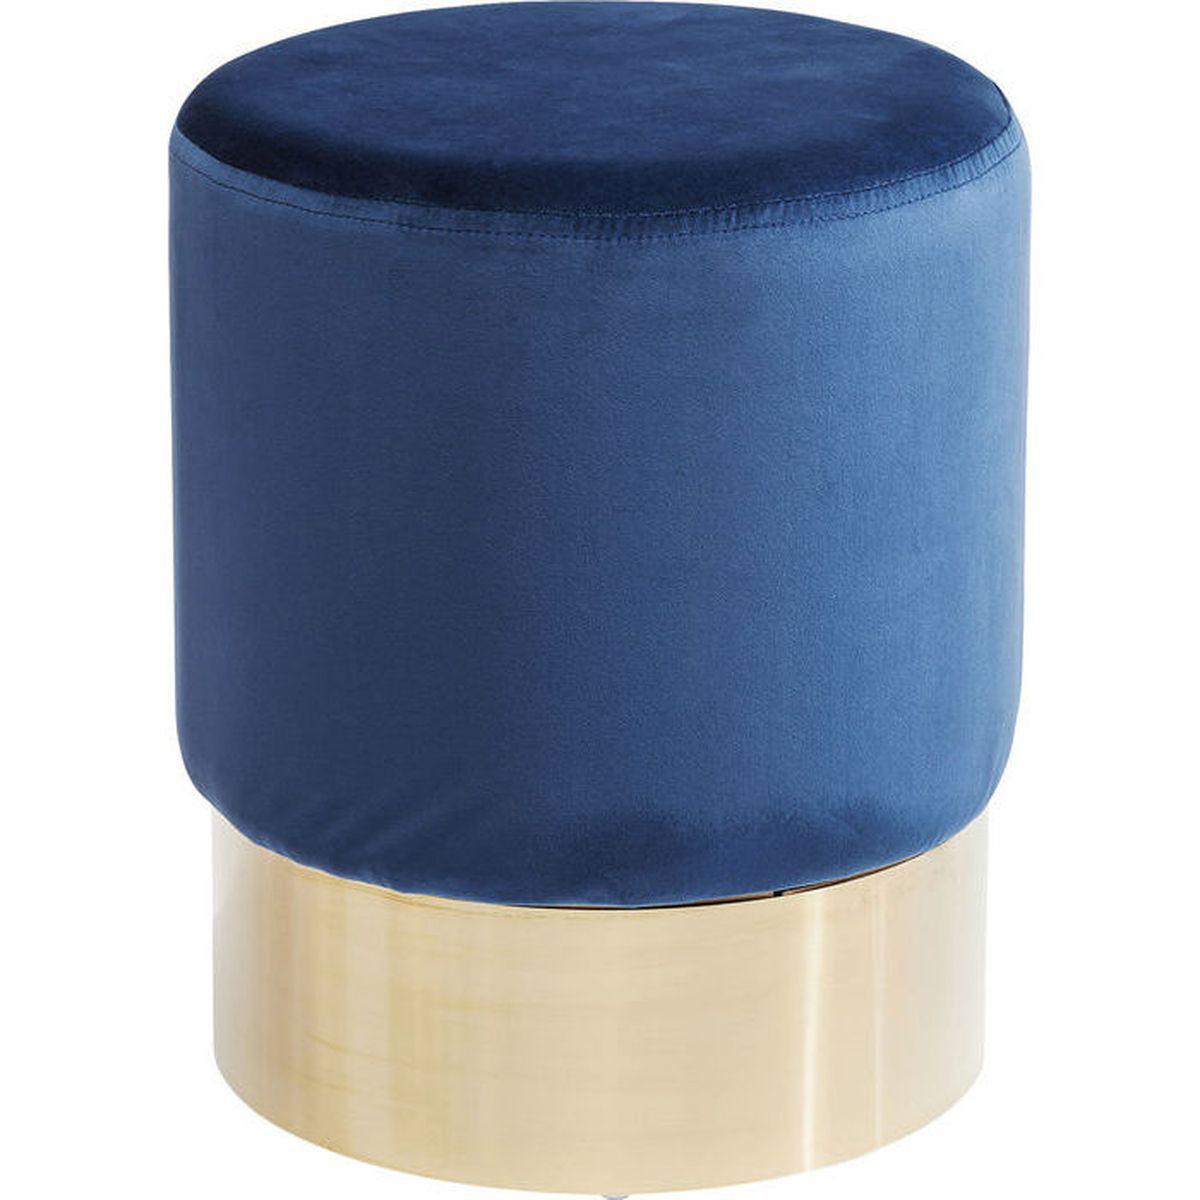 Tabouret CHERRY Kare Design bleu/laiton